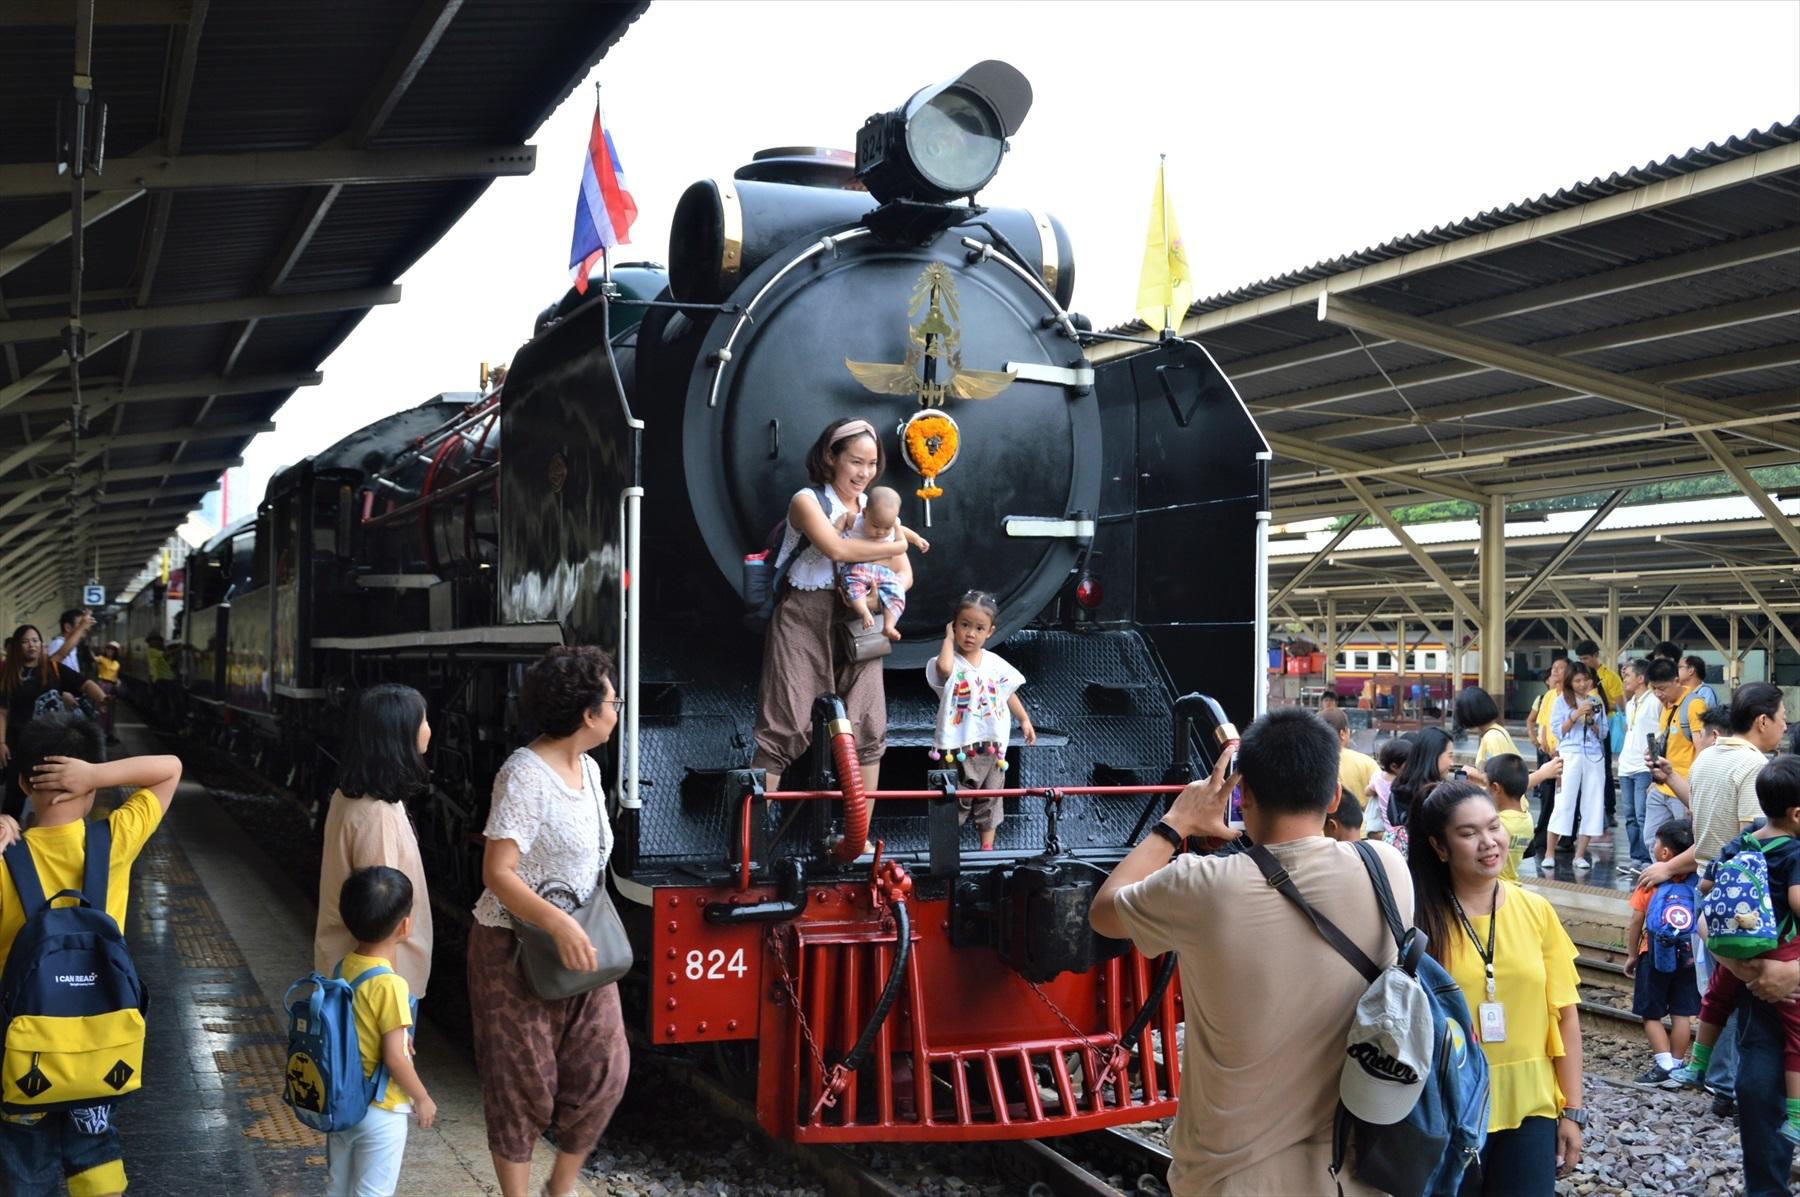 遠慮なく機関車に乗っかって写真を撮っている